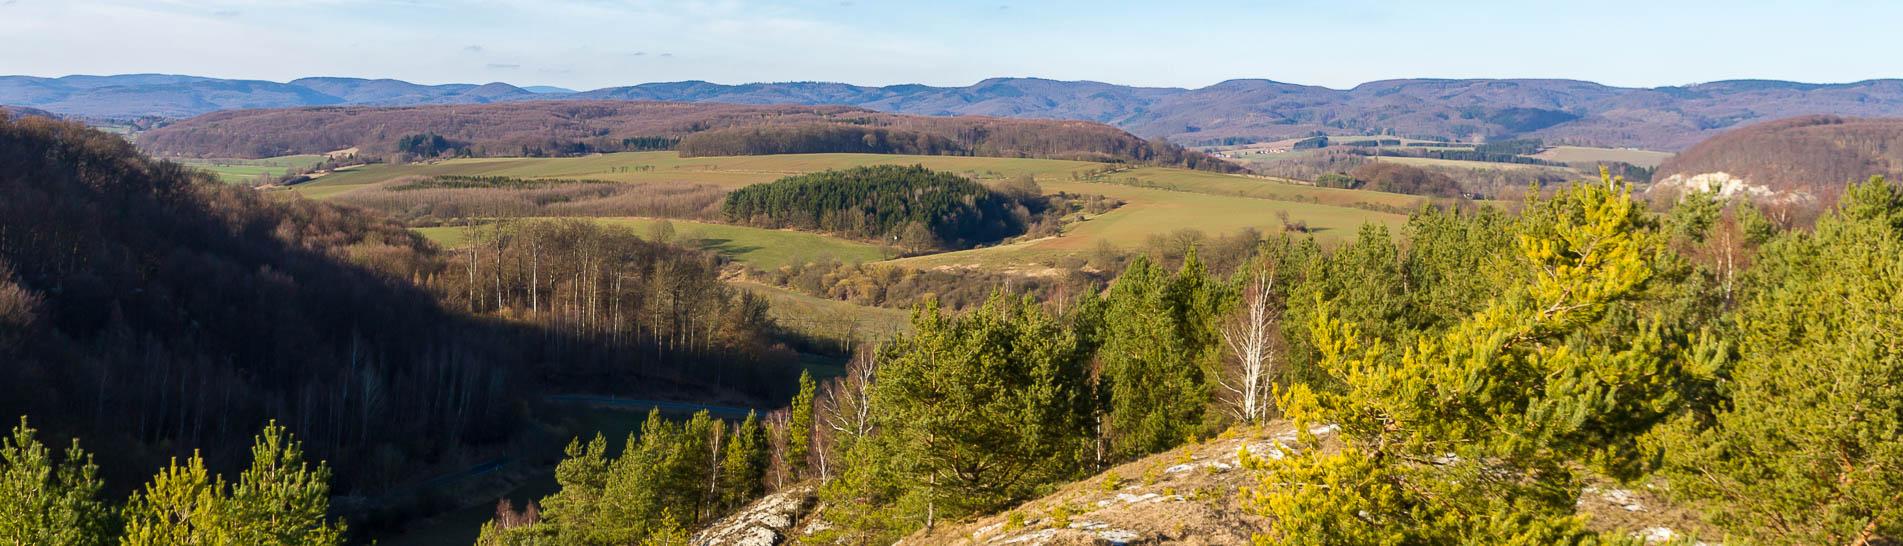 Fotokurs-Wanderwoche im Harz - Frühjahr auf dem Karstwanderweg